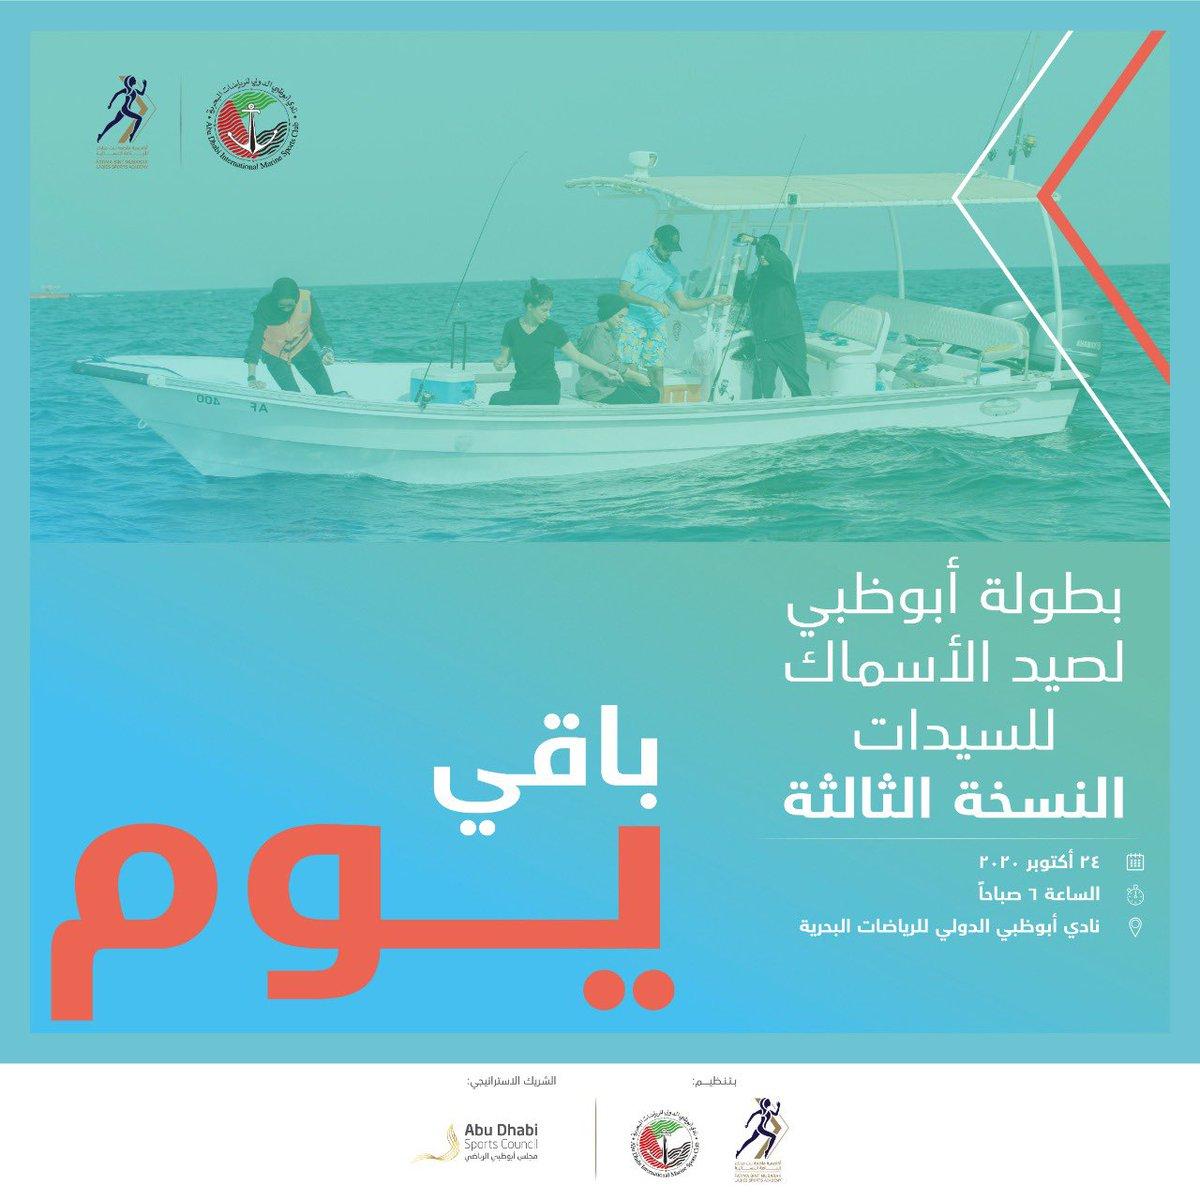 غداً انطلاق بطولة أبوظبي لصيد الأسماك للسيدات – النسخة الثالثة. نراكم في البحر  Tomorrow is the kick off of our 3rd Abu Dhabi Ladies #Fishing Championship. See you in the sea  #MovingForward #UAESports #FBMA #AbuDhabi #InAbuDhabi #ADFBMA  #نمضي_قدماً #صيد #سمك #رياضة #أبوظبي https://t.co/YvlCqqykE1